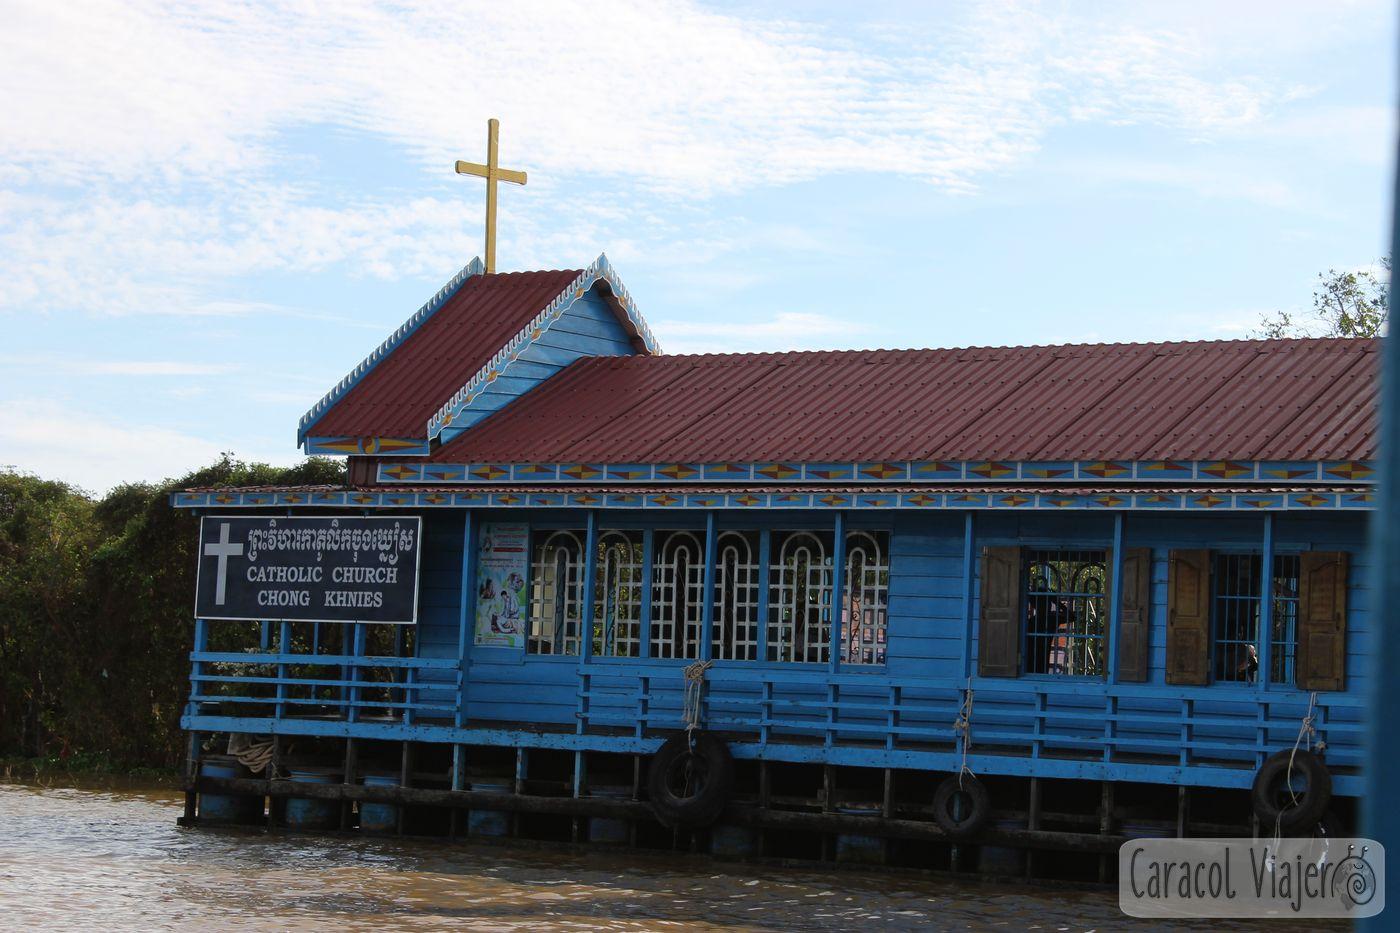 Iglesia católica flotante